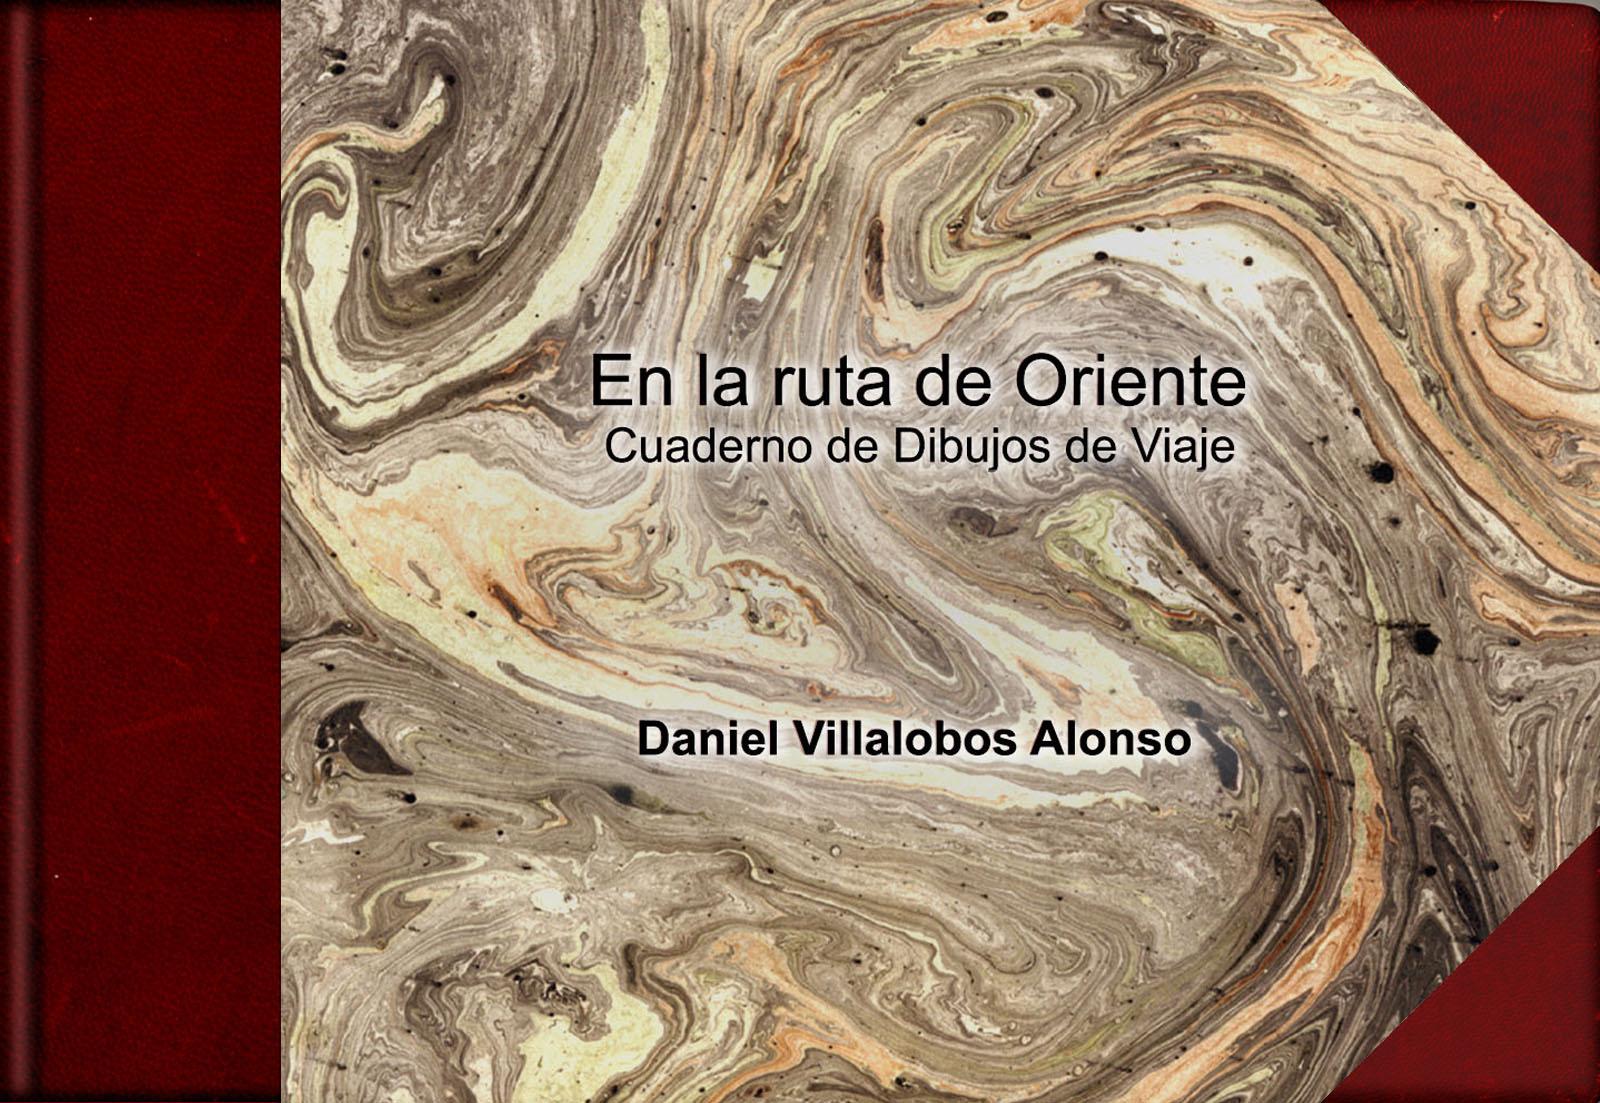 danielvillalobos-graphicdesign-bookcover-26